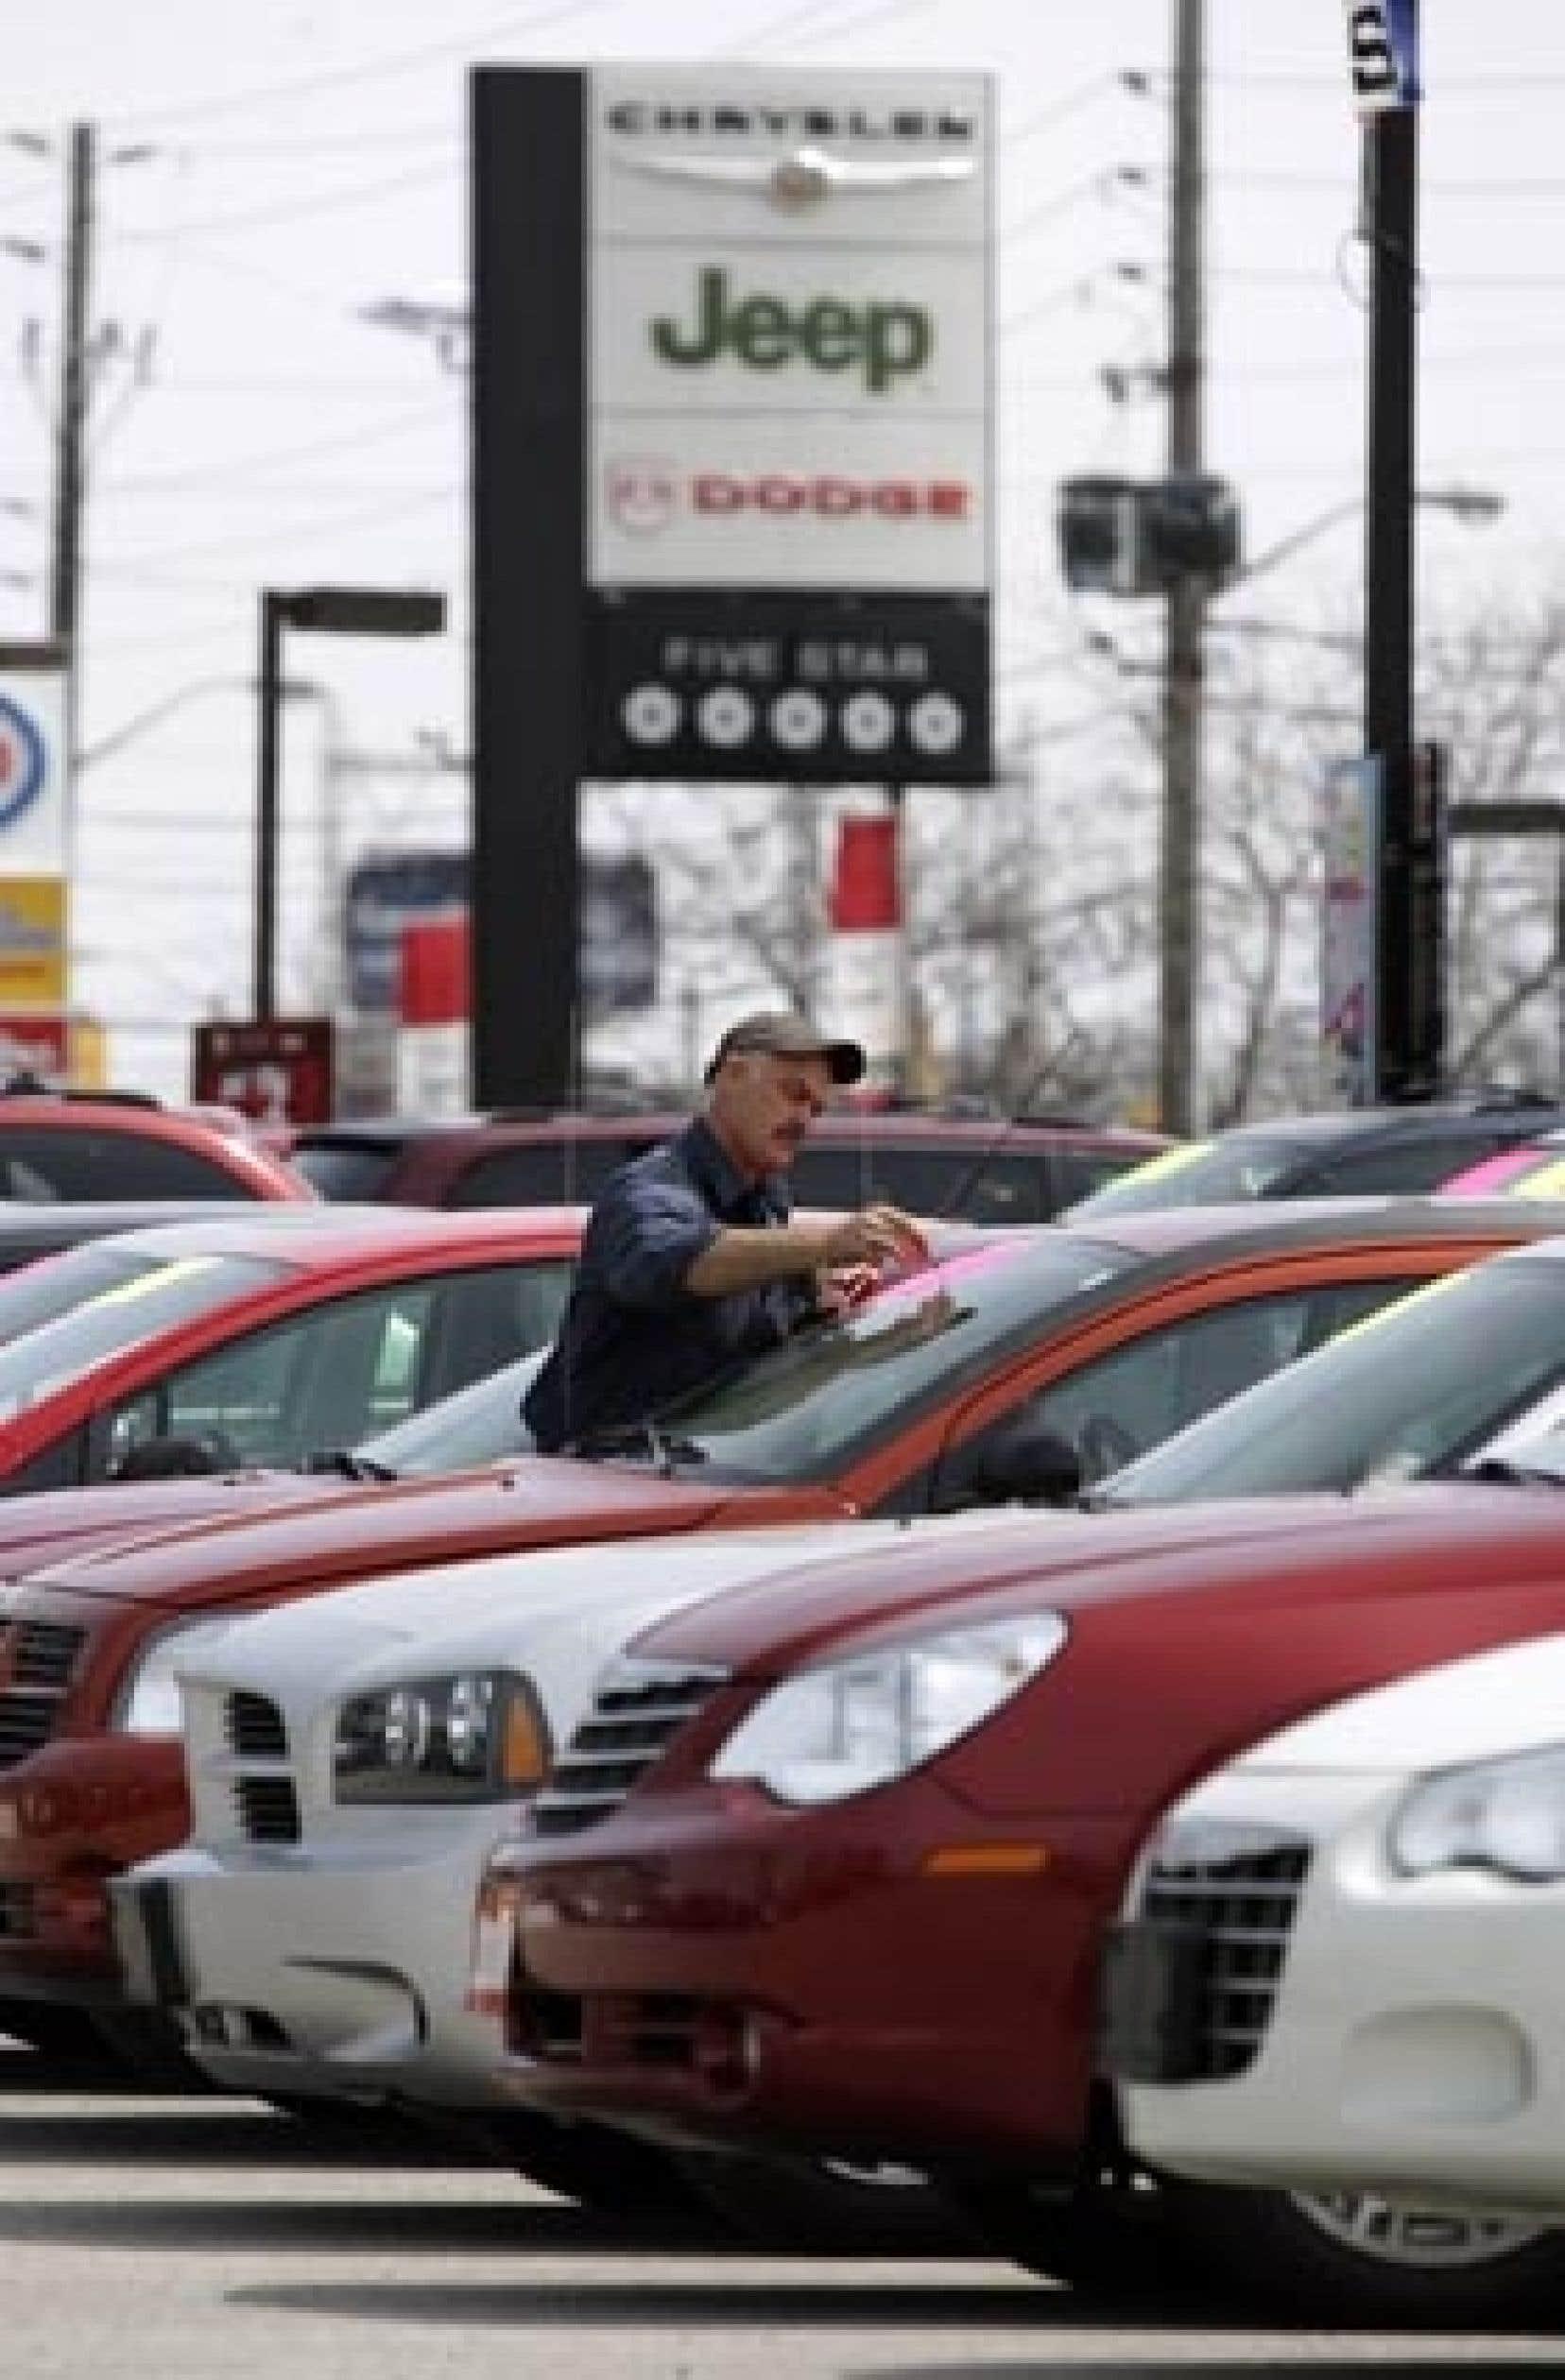 L'arrivée de Fiat augmente les chances de survie du constructeur américain Chrysler qui a dû se réfugier derrière la loi sur les faillites.